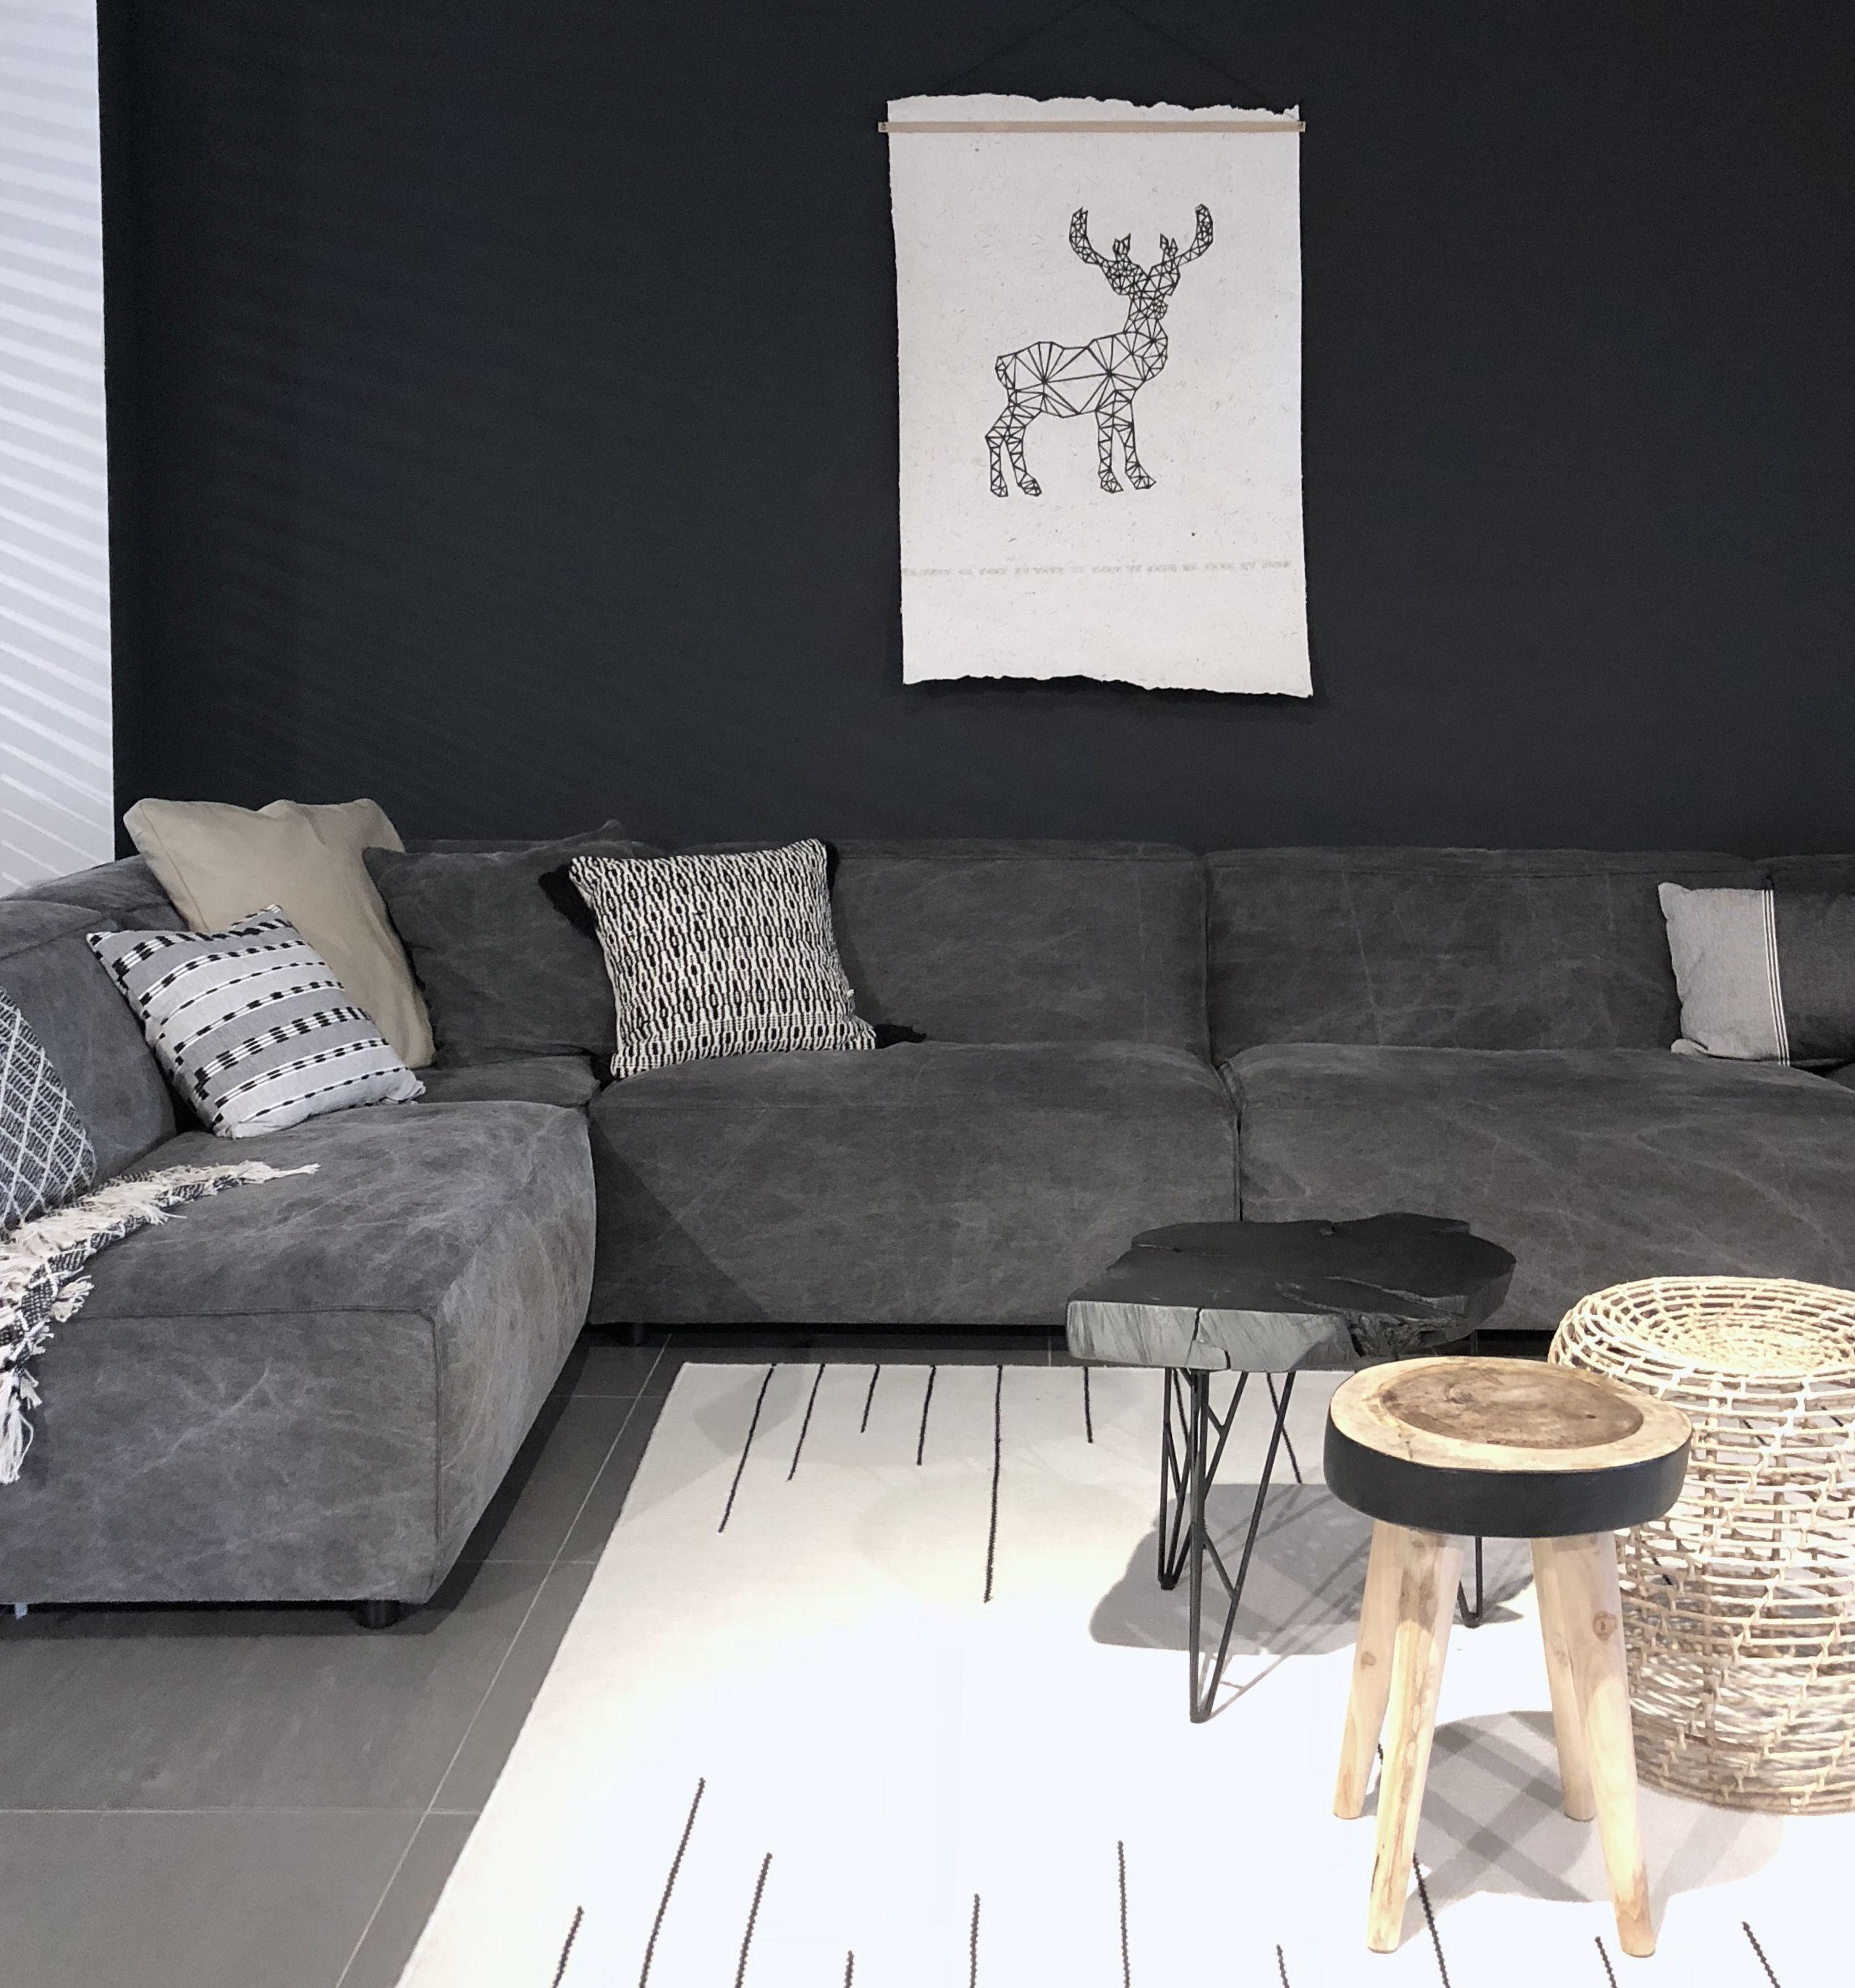 Design Bank Losse Elementen.Loungebank Met Losse Elementen In Verwassen Look Stofje In Heel